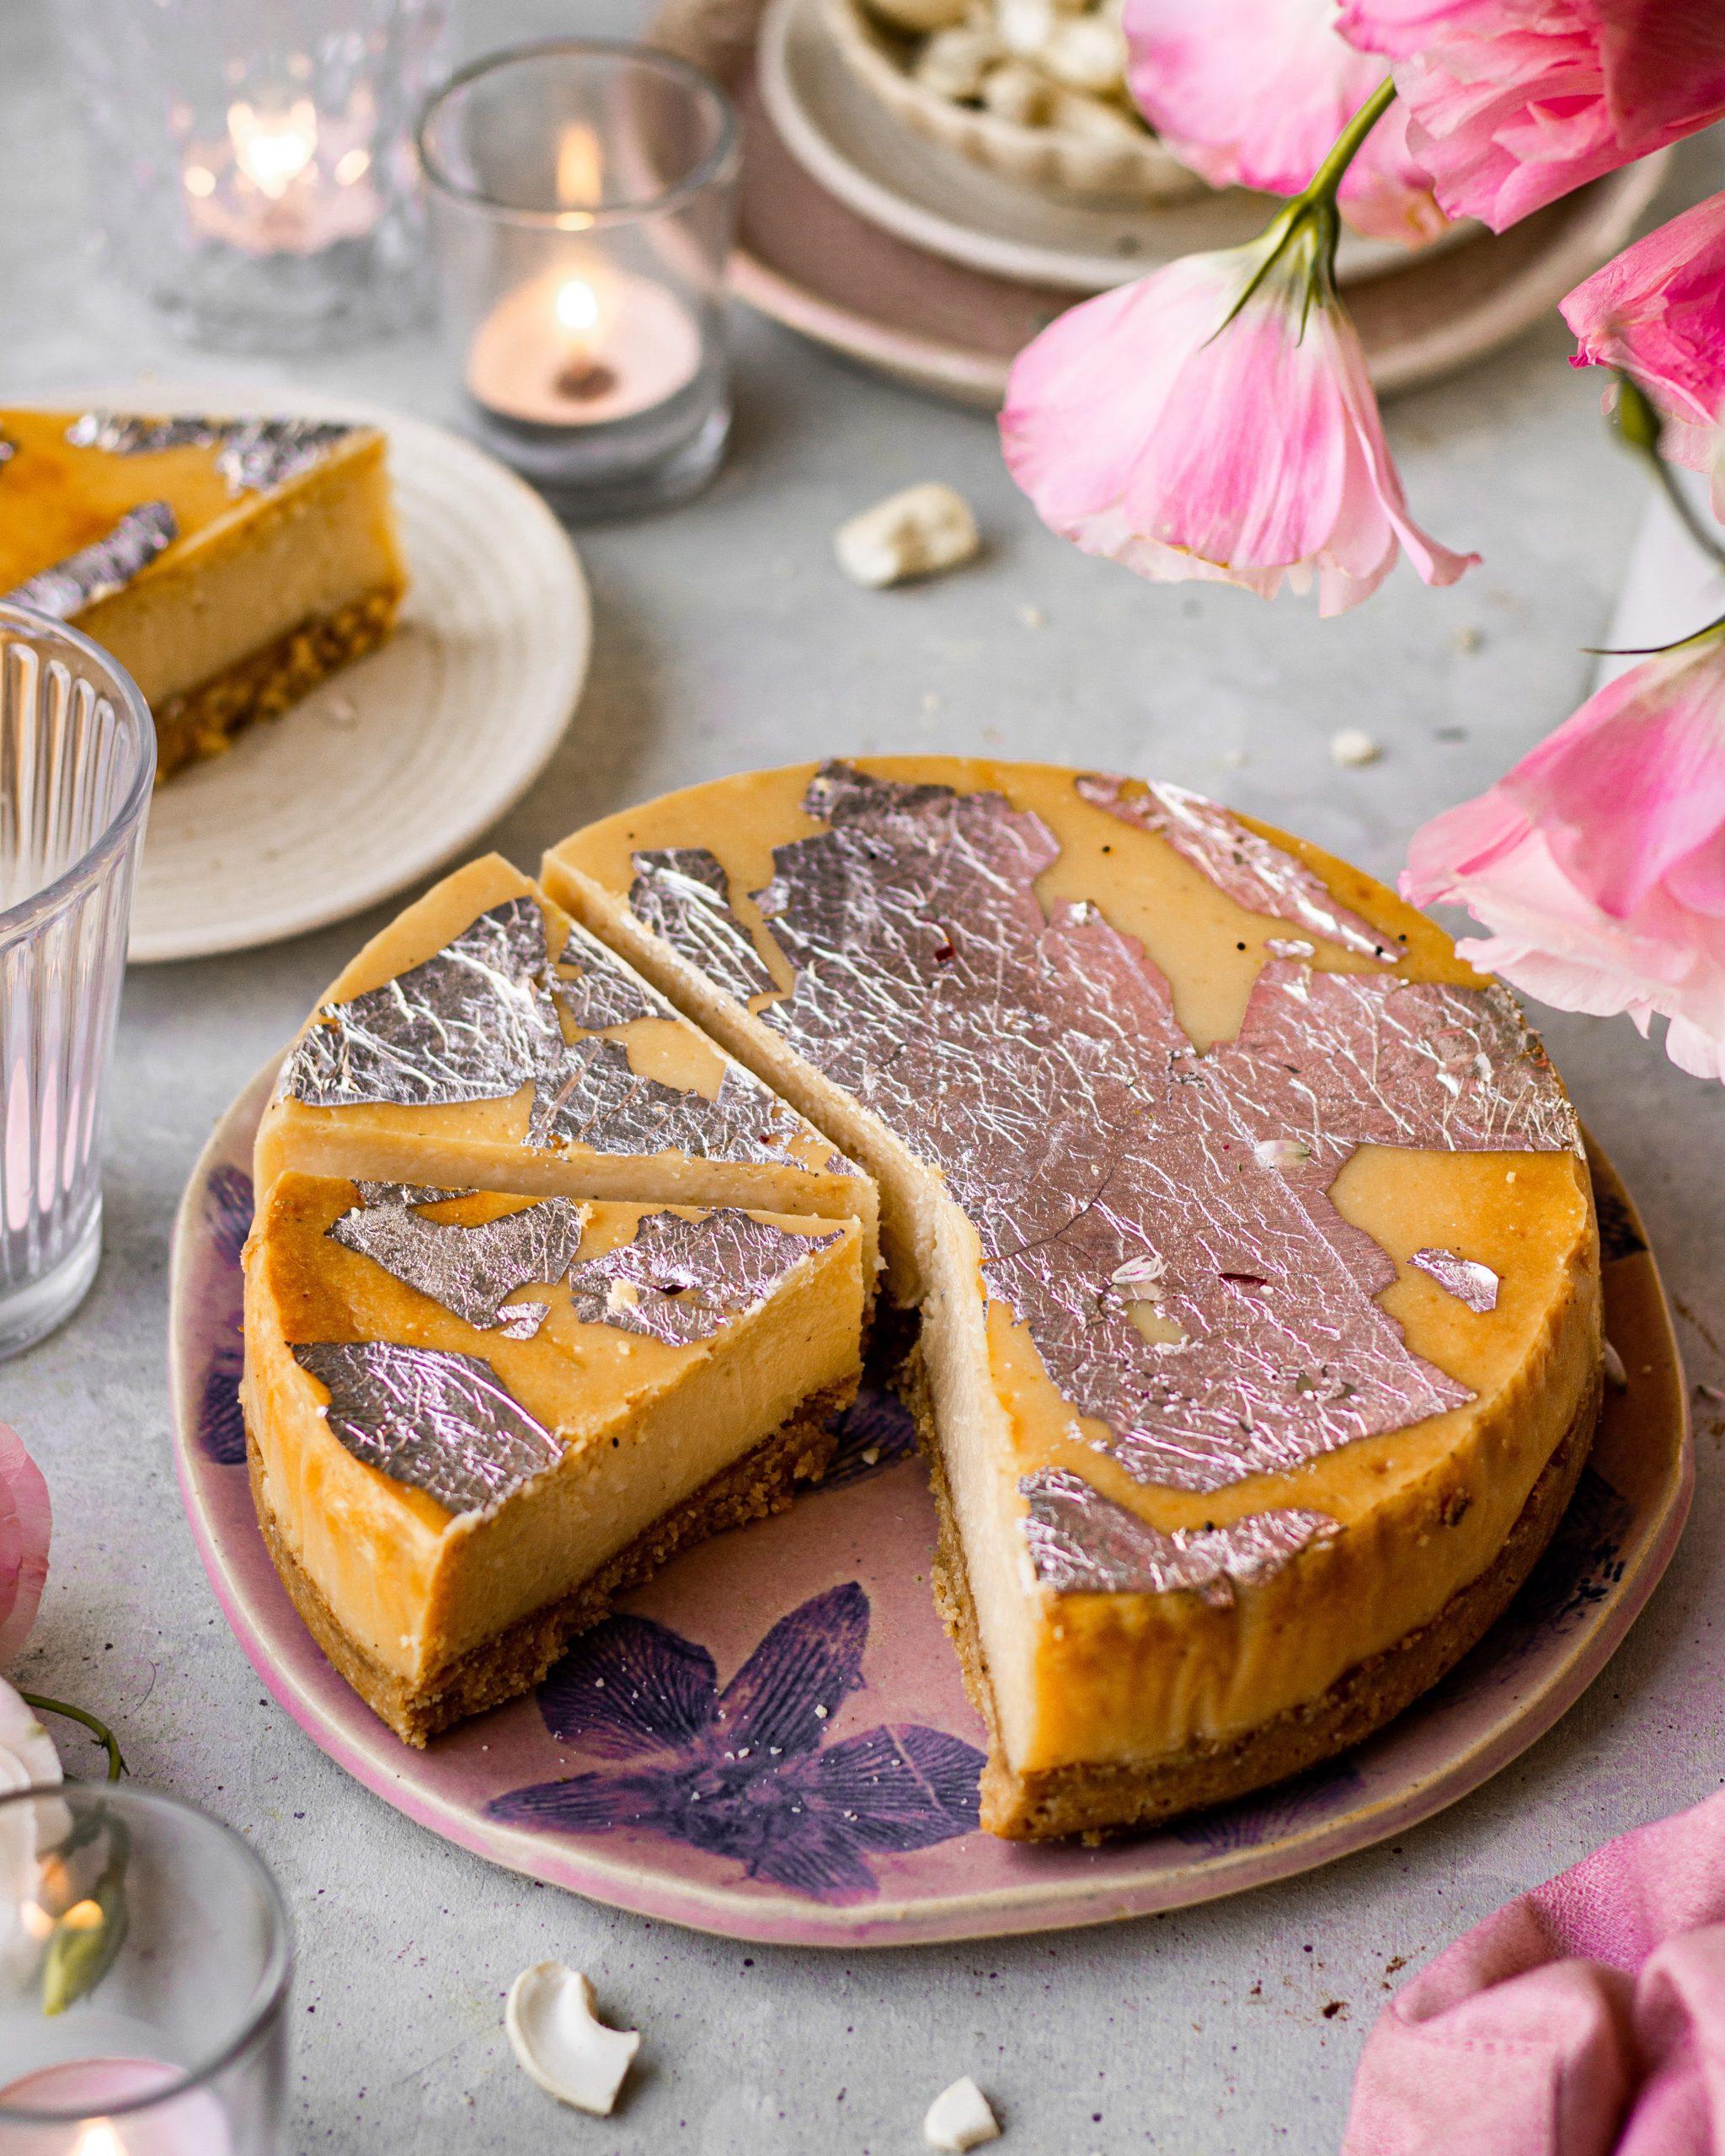 kaju katli cheesecake